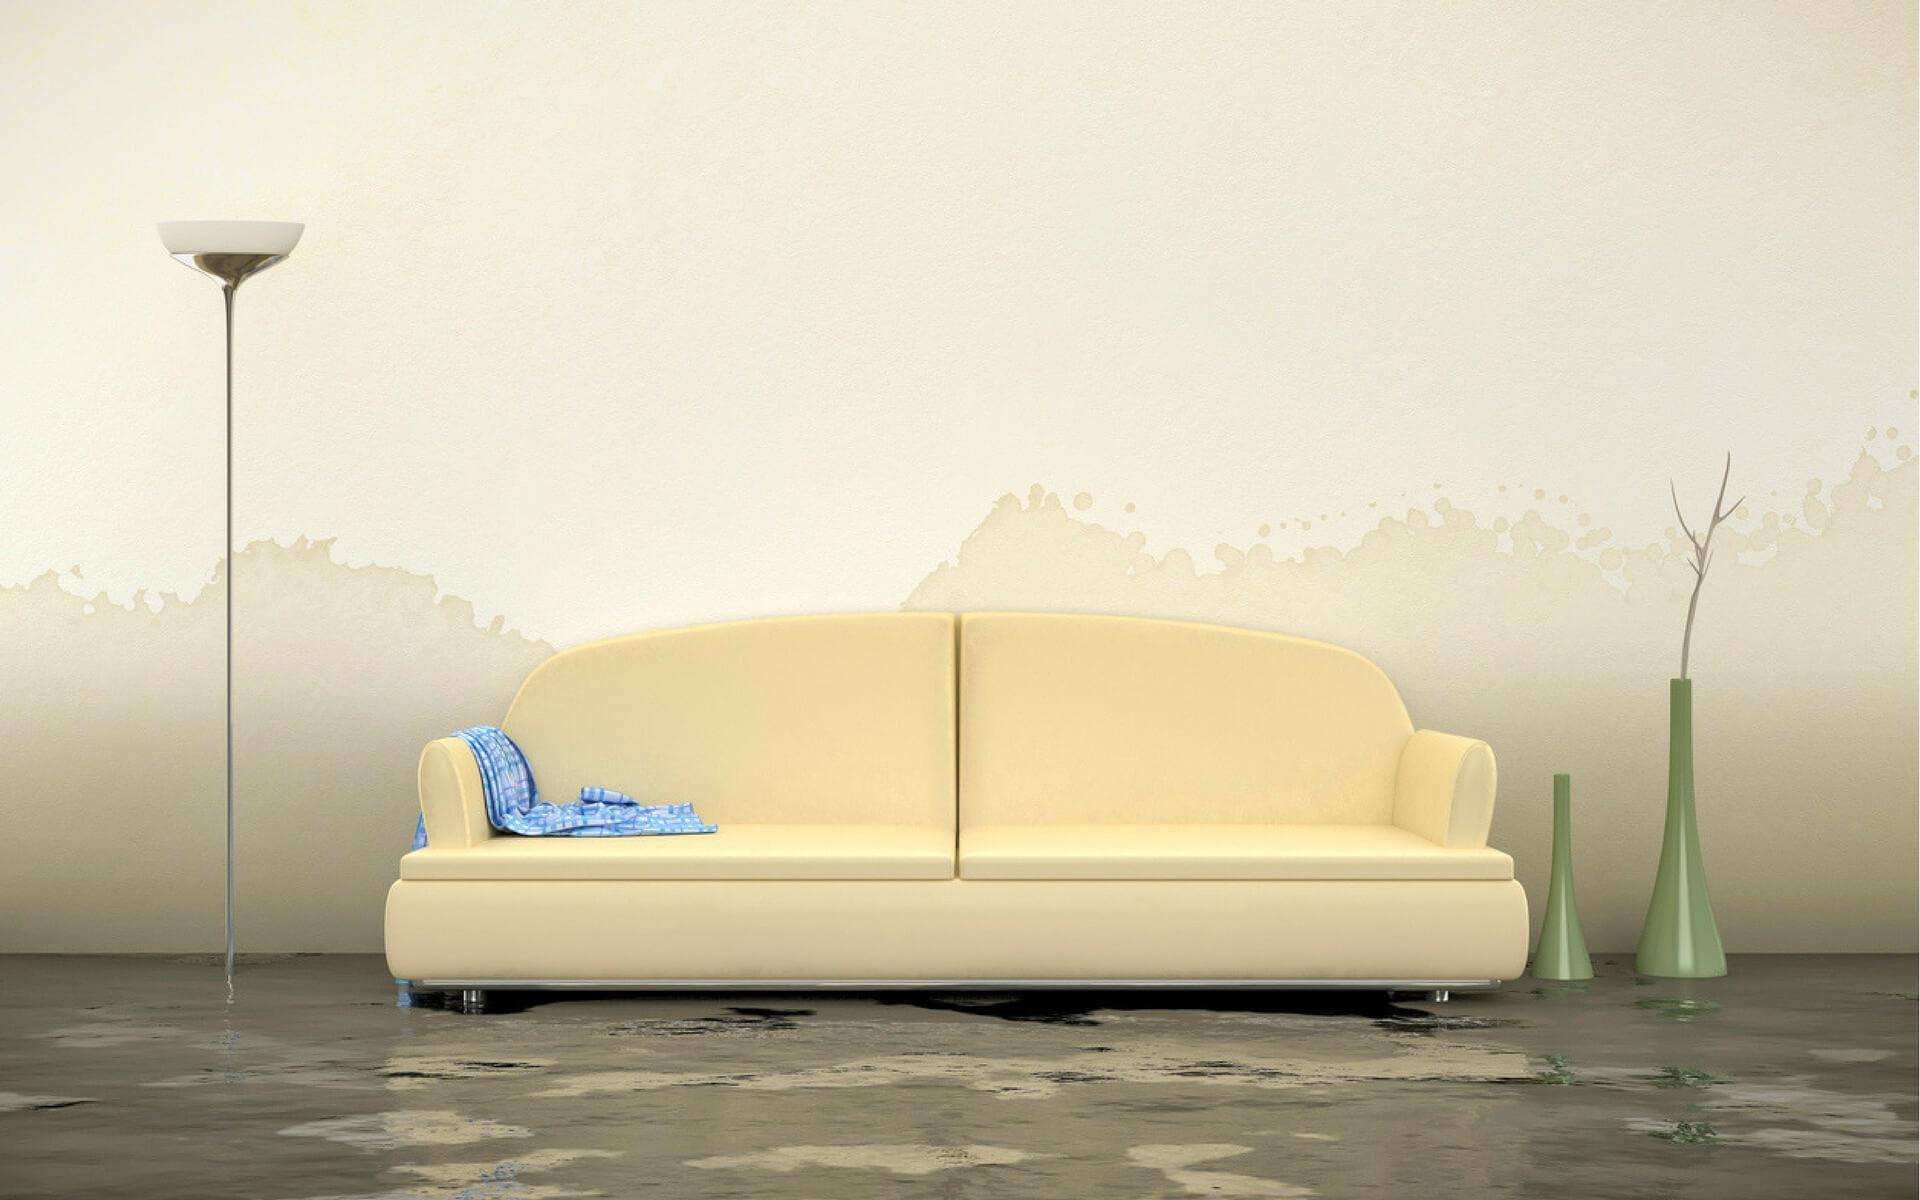 Le cause di umidit in casa e le soluzioni blog oknoplast - Umidita in casa rimedi ...